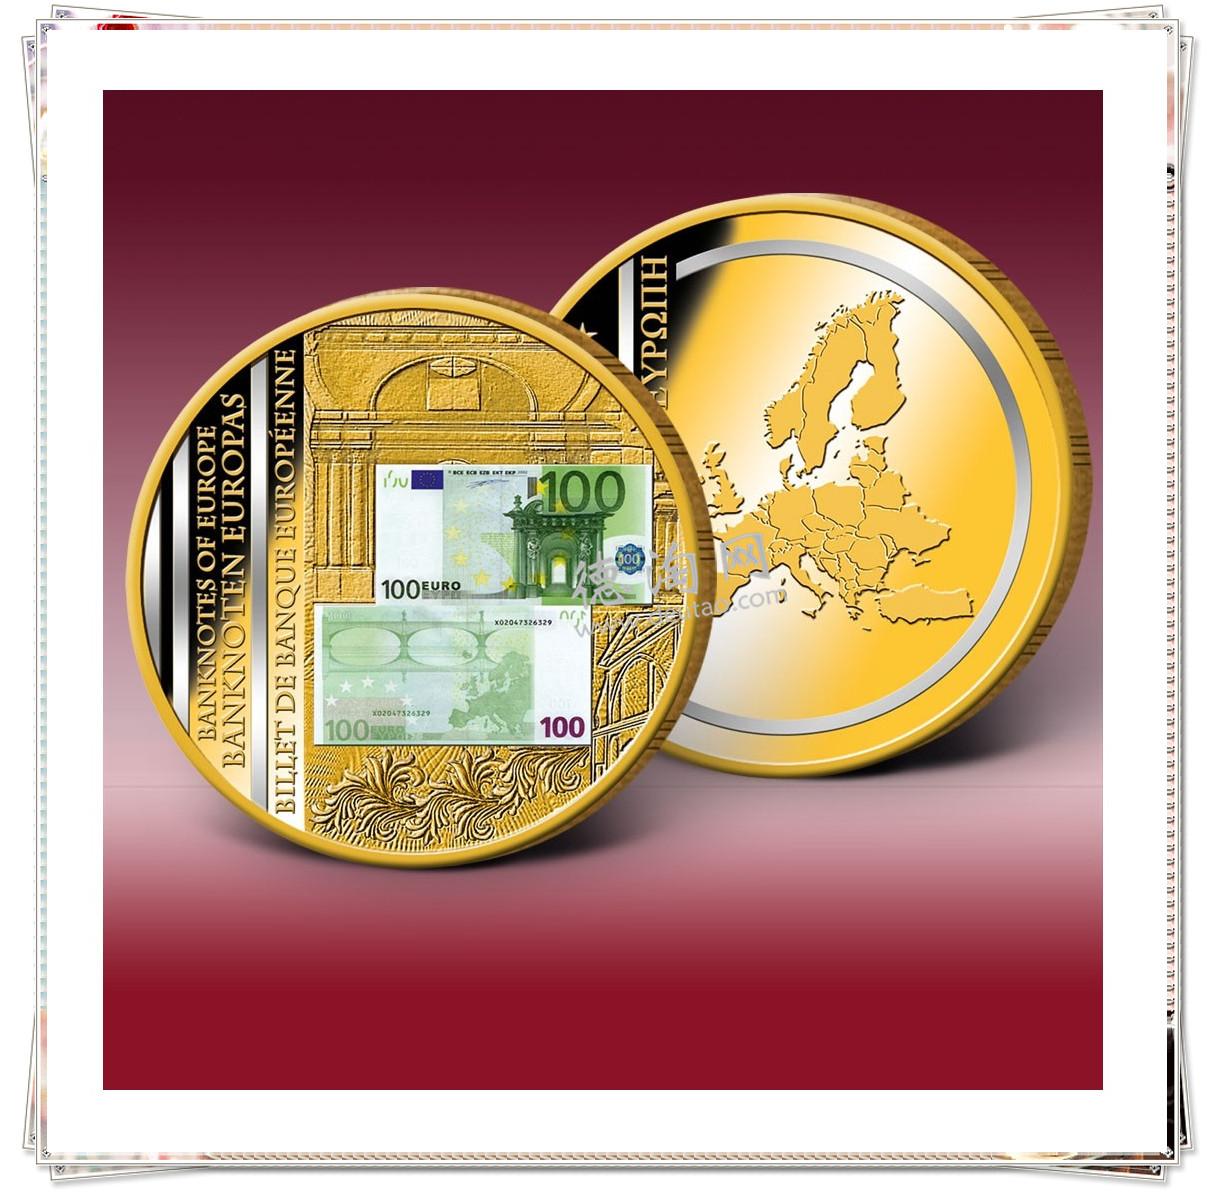 百元欧元纸钞纪念币